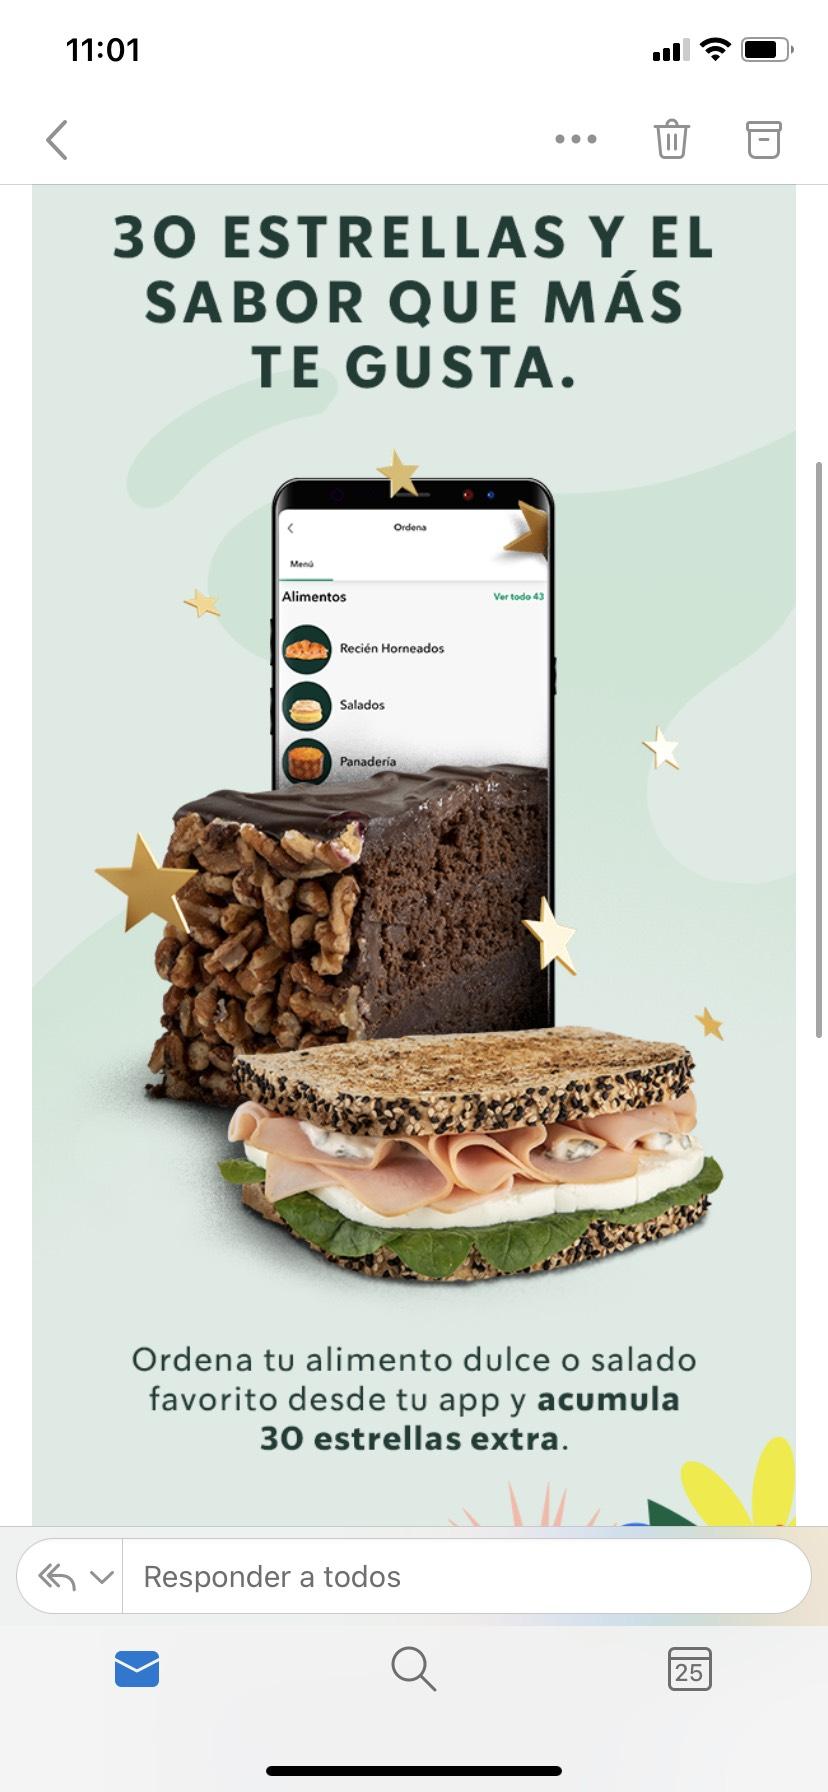 Starbucks: 30 estrellas extras al ordenar 2 alimentos desde la app